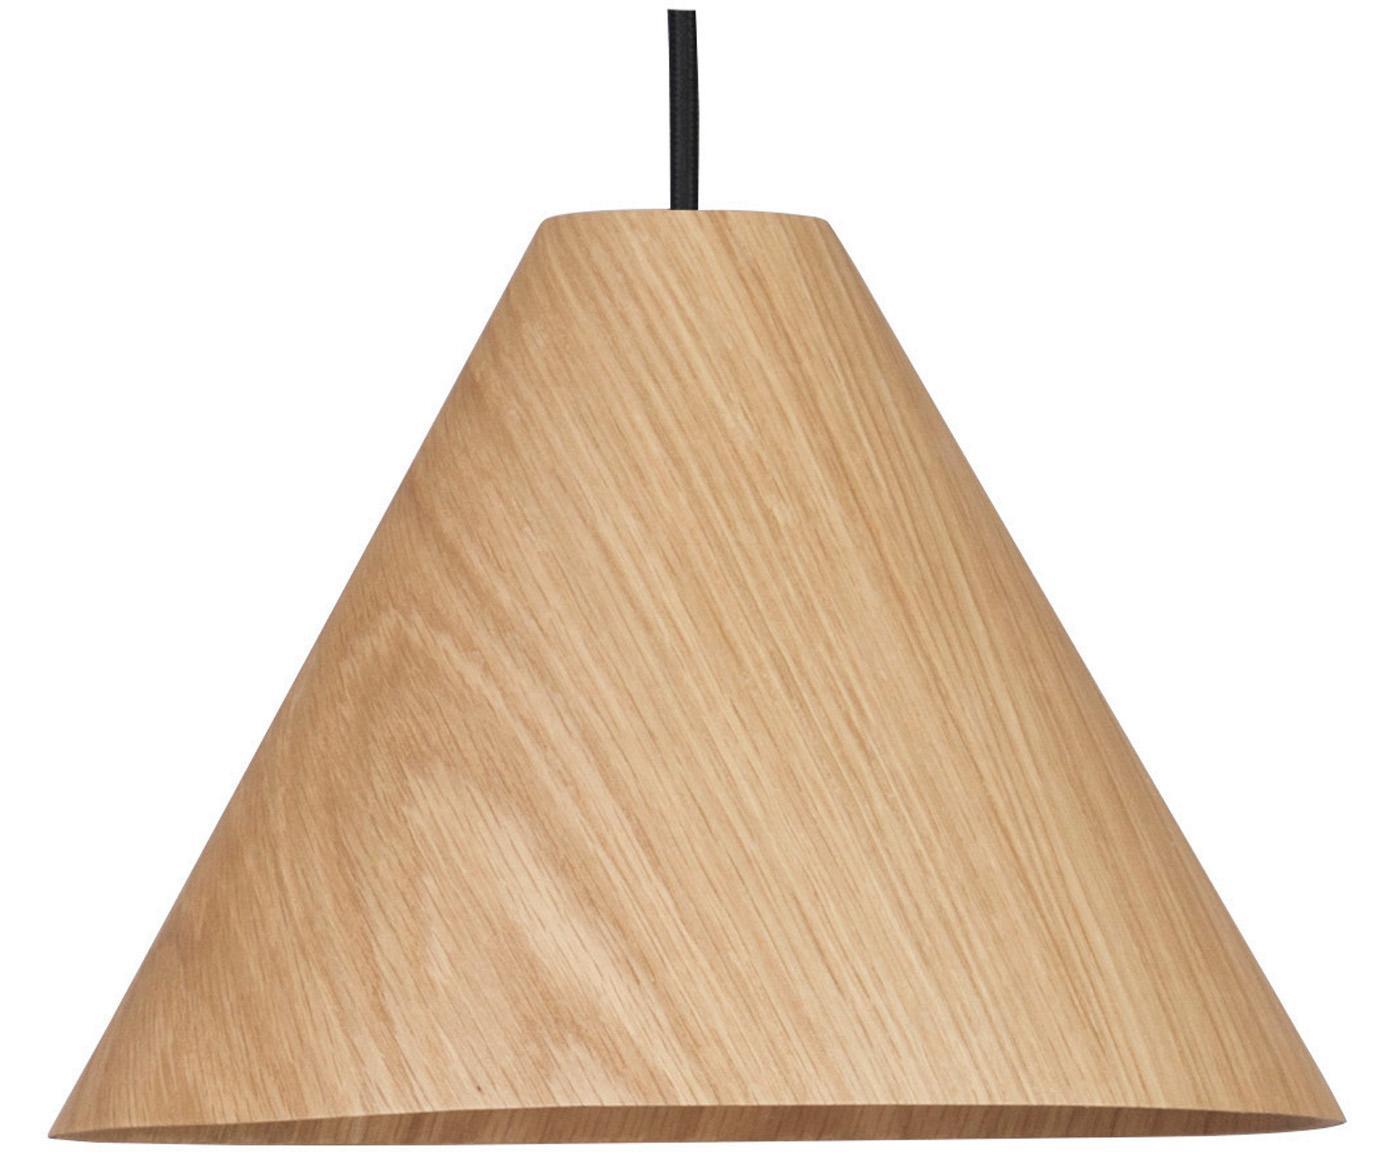 Lampada a sospensione Wera, Paralume: legno, Baldacchino: legno, Legno, nero, Ø 25 x Alt. 130 cm